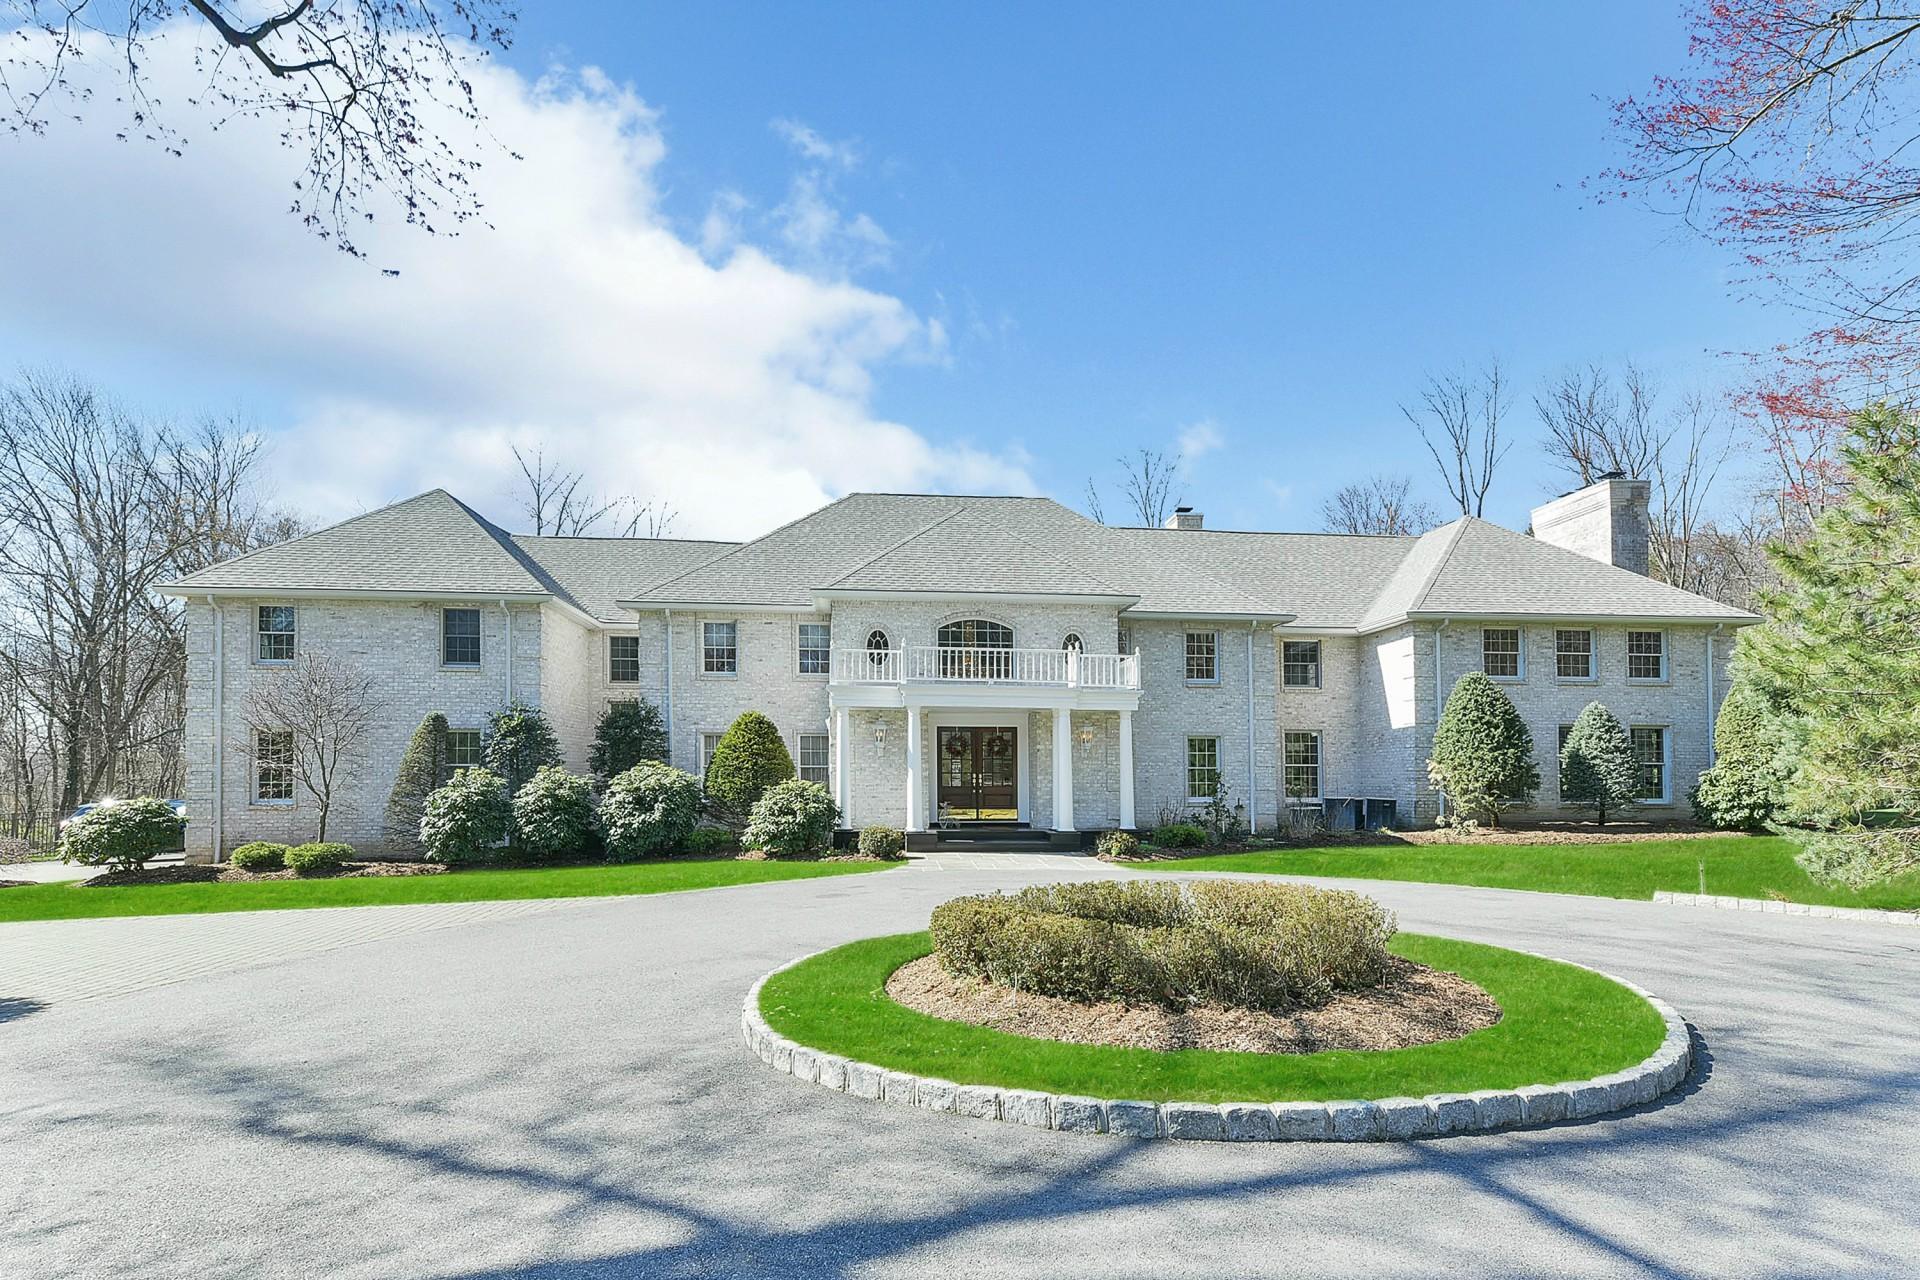 단독 가정 주택 용 매매 에 Beautiful 2 Acre Colonial 31 Wildwood Rd Saddle River, 뉴저지, 07458 미국